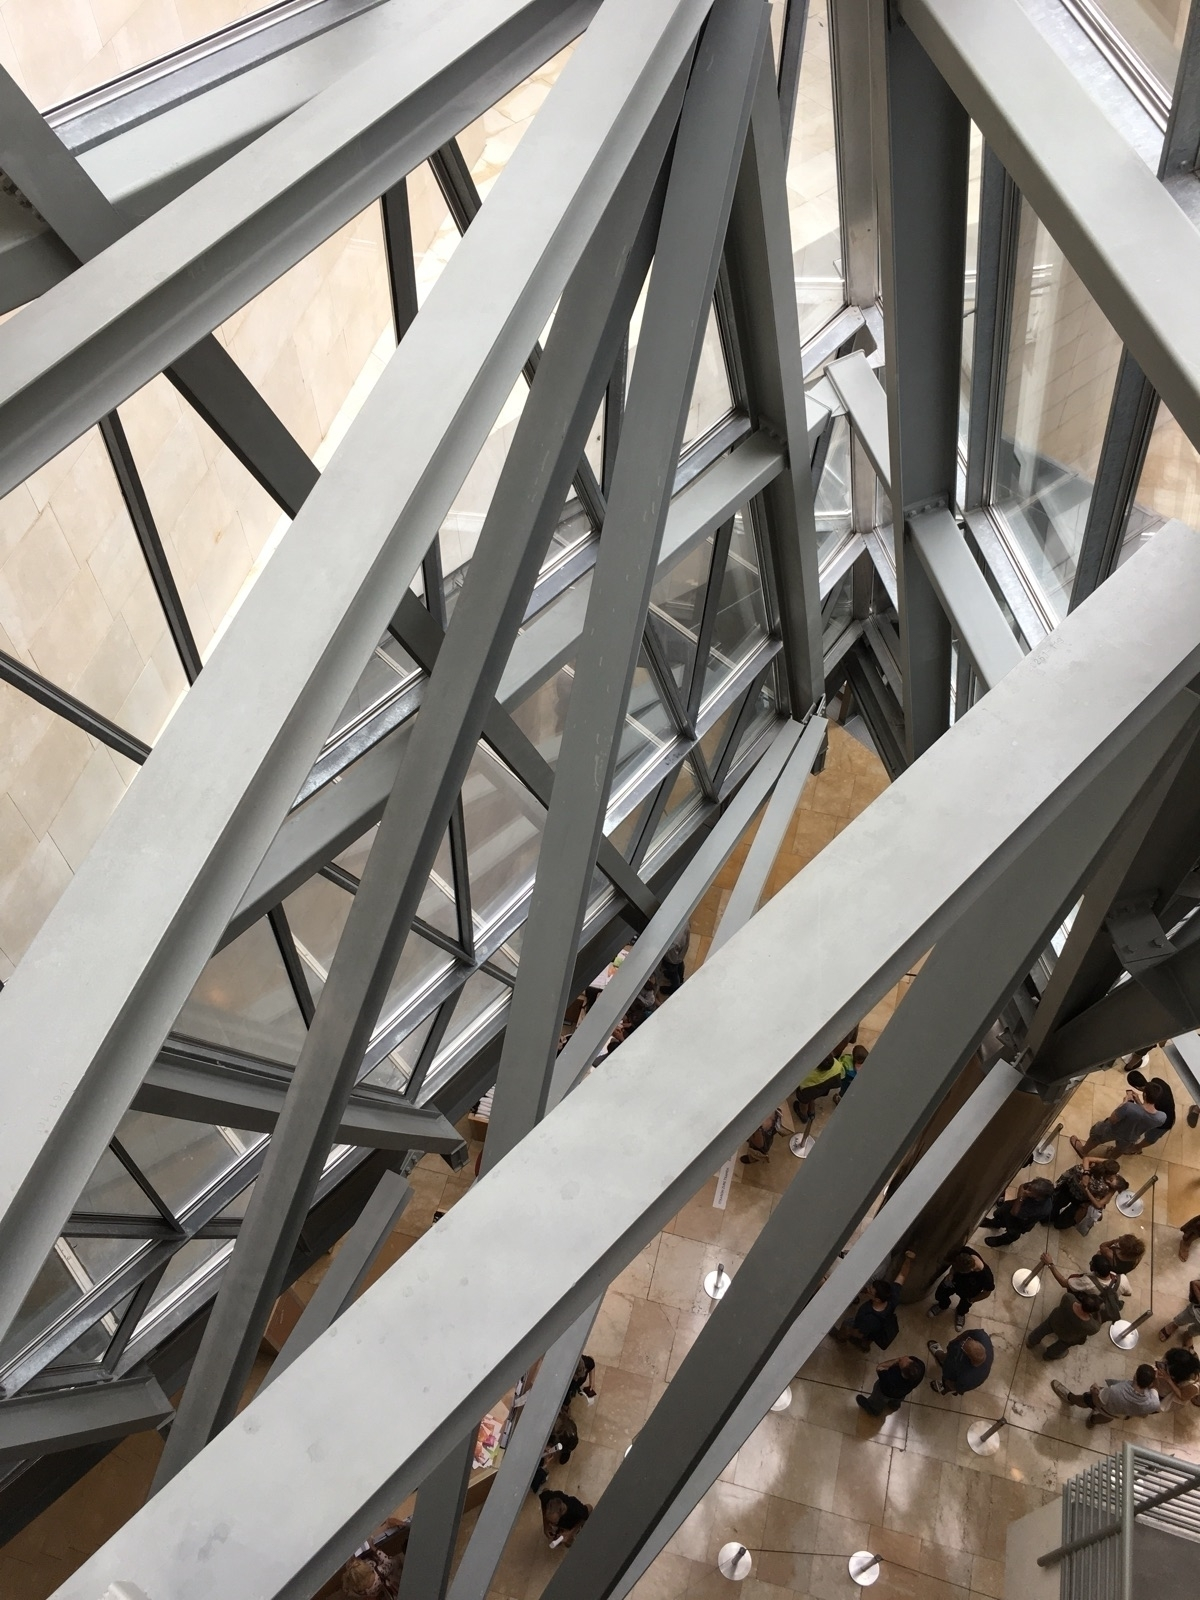 masterpiece Guggenheim museum  - gubaar | ello